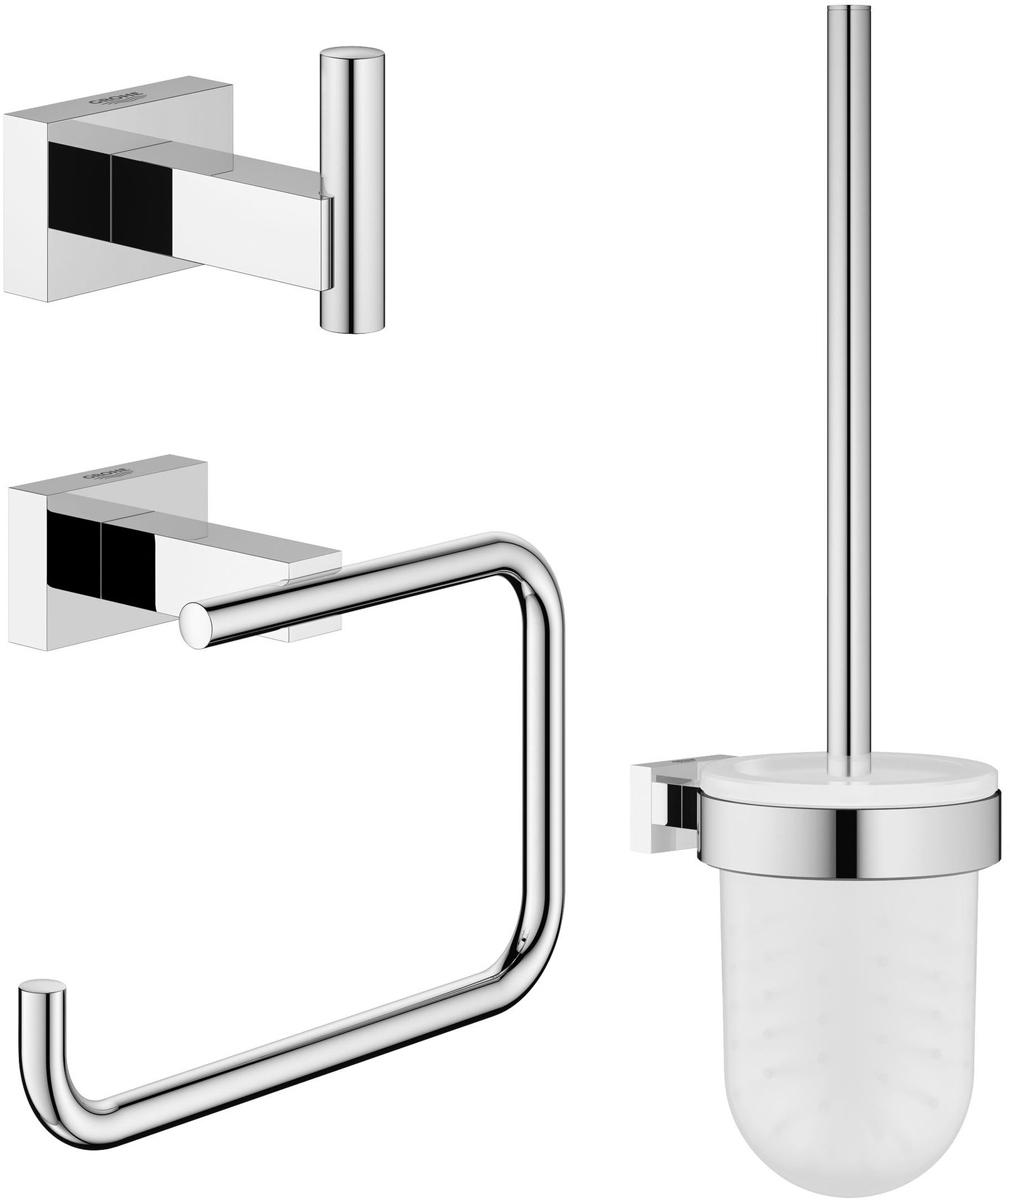 Набор аксессуаров для ванной комнаты Grohe Essentials Cube, 3 предмета41619Набор аксессуаров для ванной комнаты Grohe Essentials Cube включает ершик с подставкой и держателем, крючок для банного халата и держатель для туалетной бумаги. Изделия выполнены из латуни с хромированным покрытием. Благодаря специальной технологии Grohe StarLight покрытие обеспечивает сияющий блеск на протяжении всего срока службы. Кроме того, оно отталкивает грязь, не тускнеет и обладает высокой степенью износостойкости. Все предметы крепятся к стене (крепежные элементы поставляются в комплекте). Благодаря неизменно актуальному дизайну и долговечному хромированному покрытию, такой набор отлично дополнит интерьер ванной комнаты, воплощая собой изысканный стиль и превосходное качество. Длина ершика (с ручкой): 37 см. Длина щетины: 2 см. Размер подставки для ершика: 9,5 х 9,5 х 13,5 см. Размер держателя для туалетной бумаги: 13,5 х 10 х 6 см. Размер крючка для банного халата: 4 х 6 х 4 см.